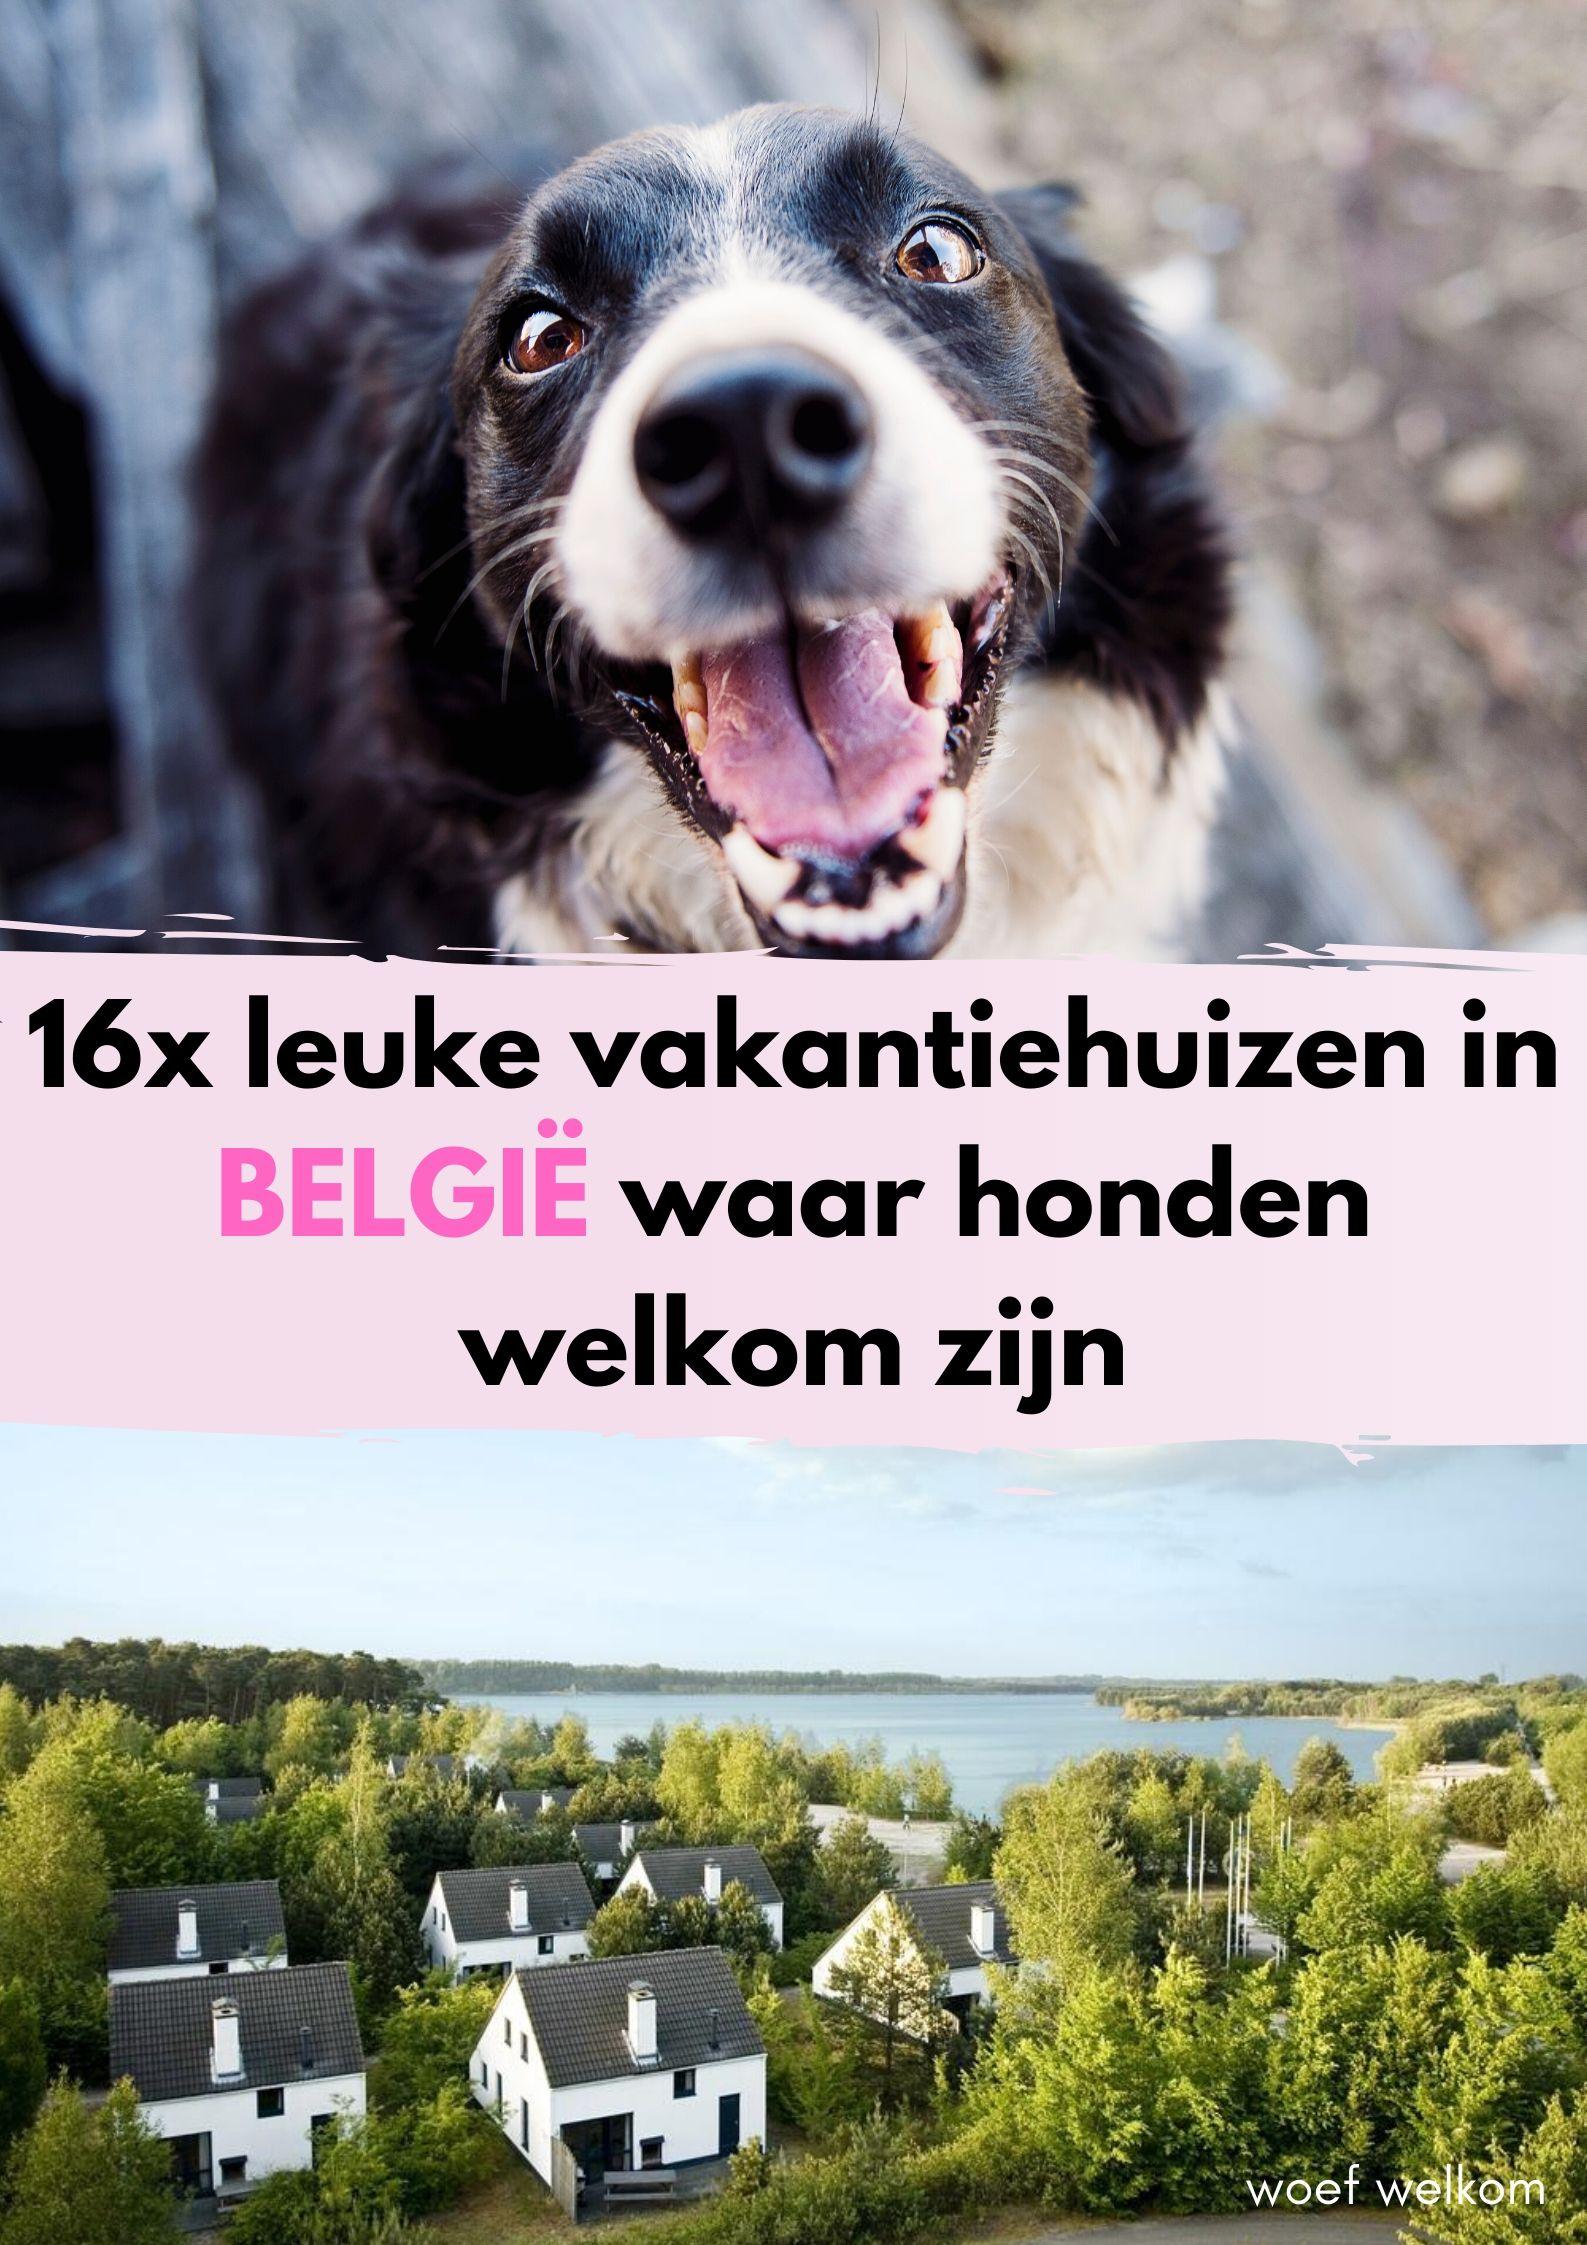 16x de leukste vakantieparken in België met hond